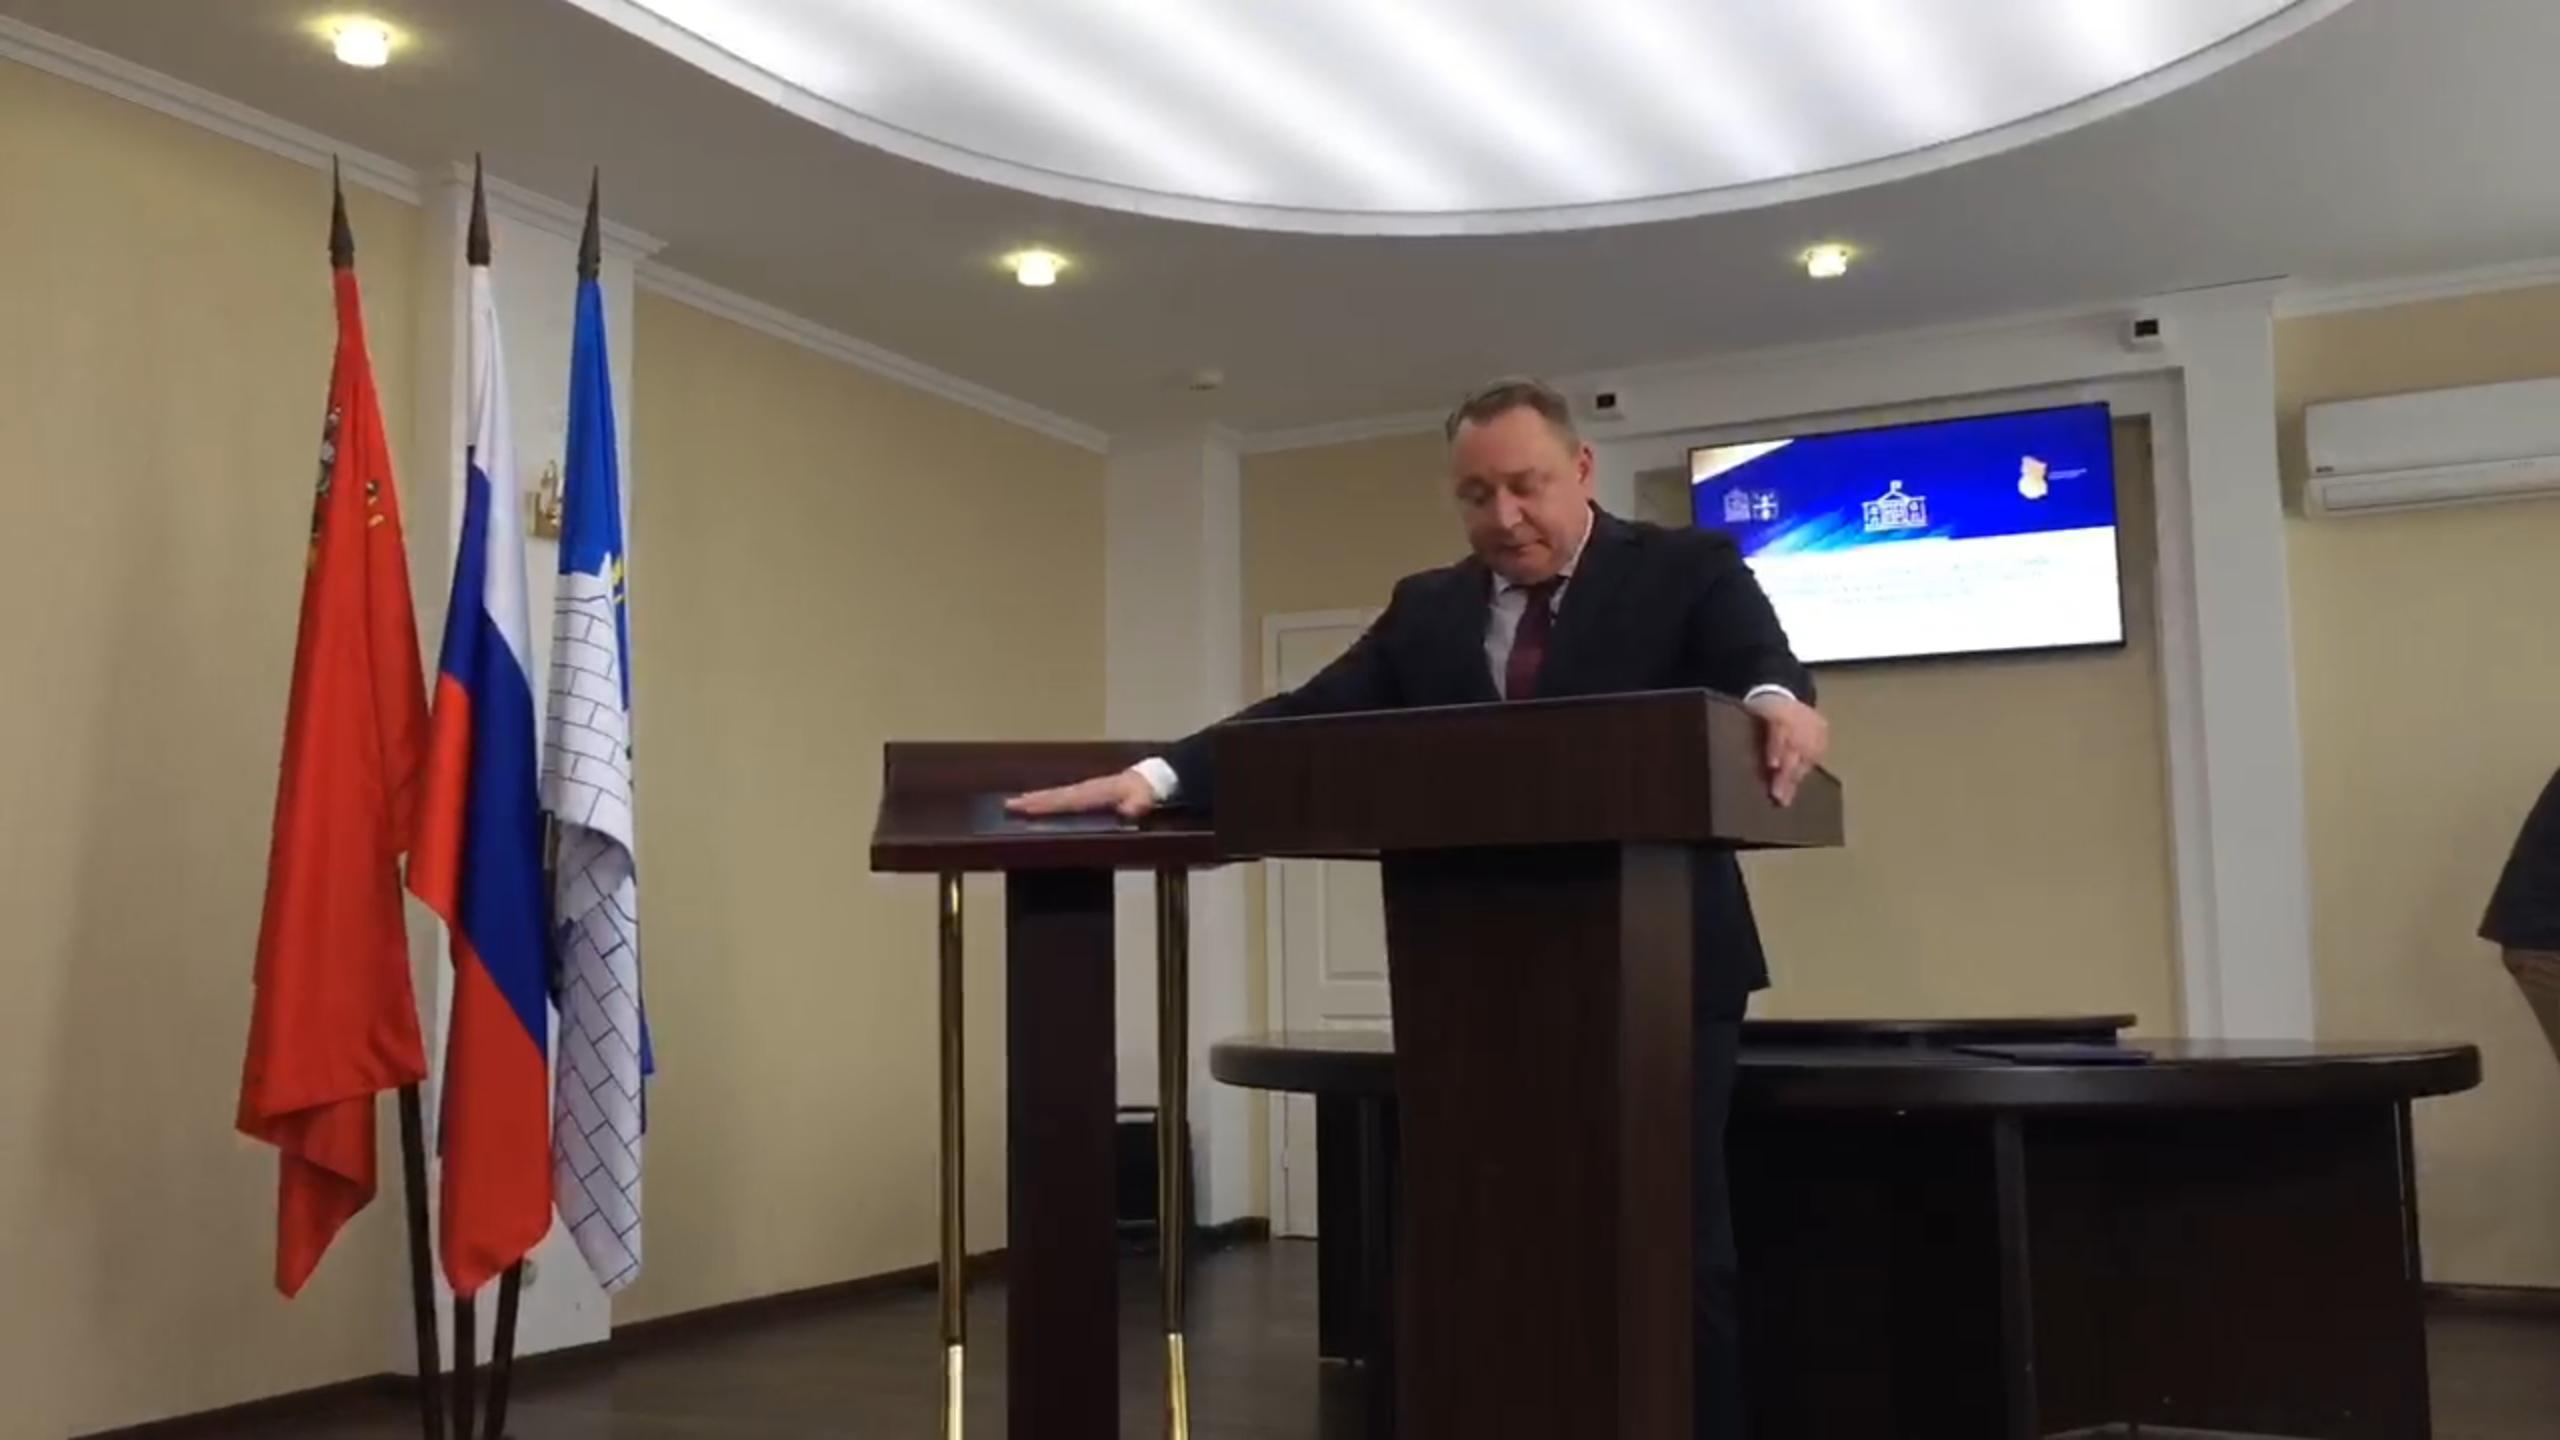 СЕЙЧАС: Токарев Михаил Юрьевич вступил в должность